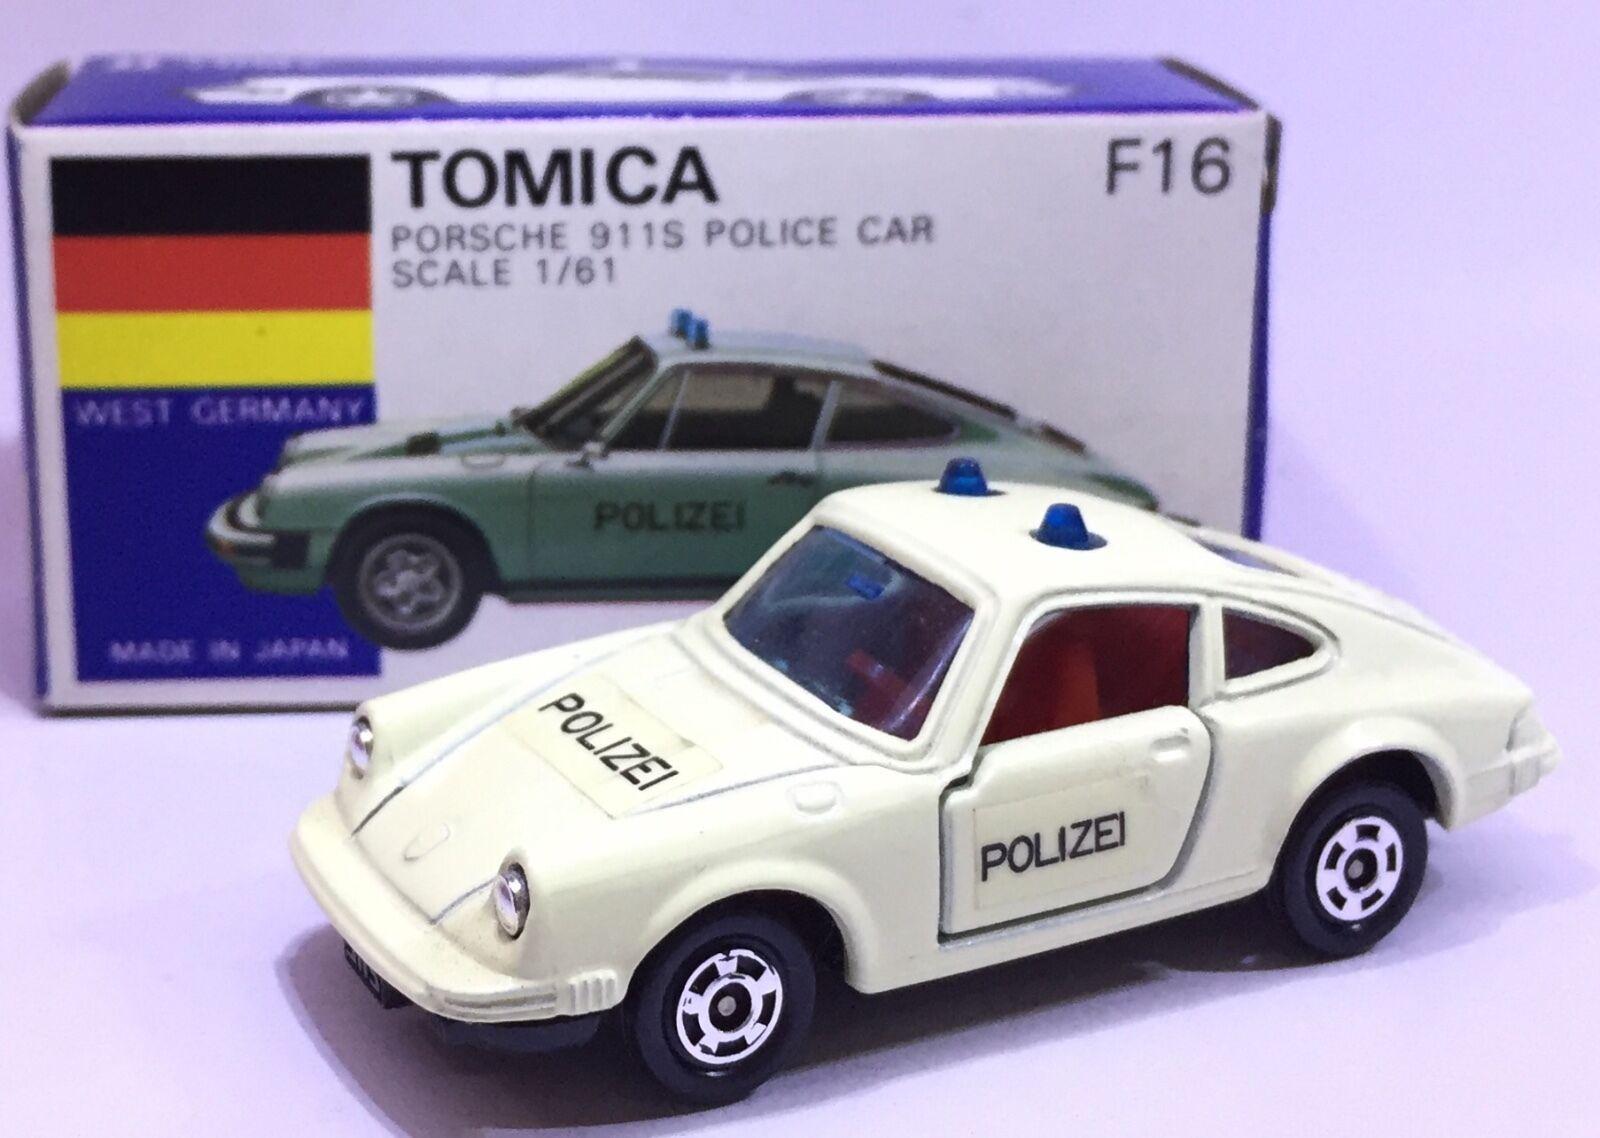 MADE IN JAPAN TOMY TOMICA F16 PORSCHE 911S POLIZEI WEST POLICE 1 61 DIECAST CAR